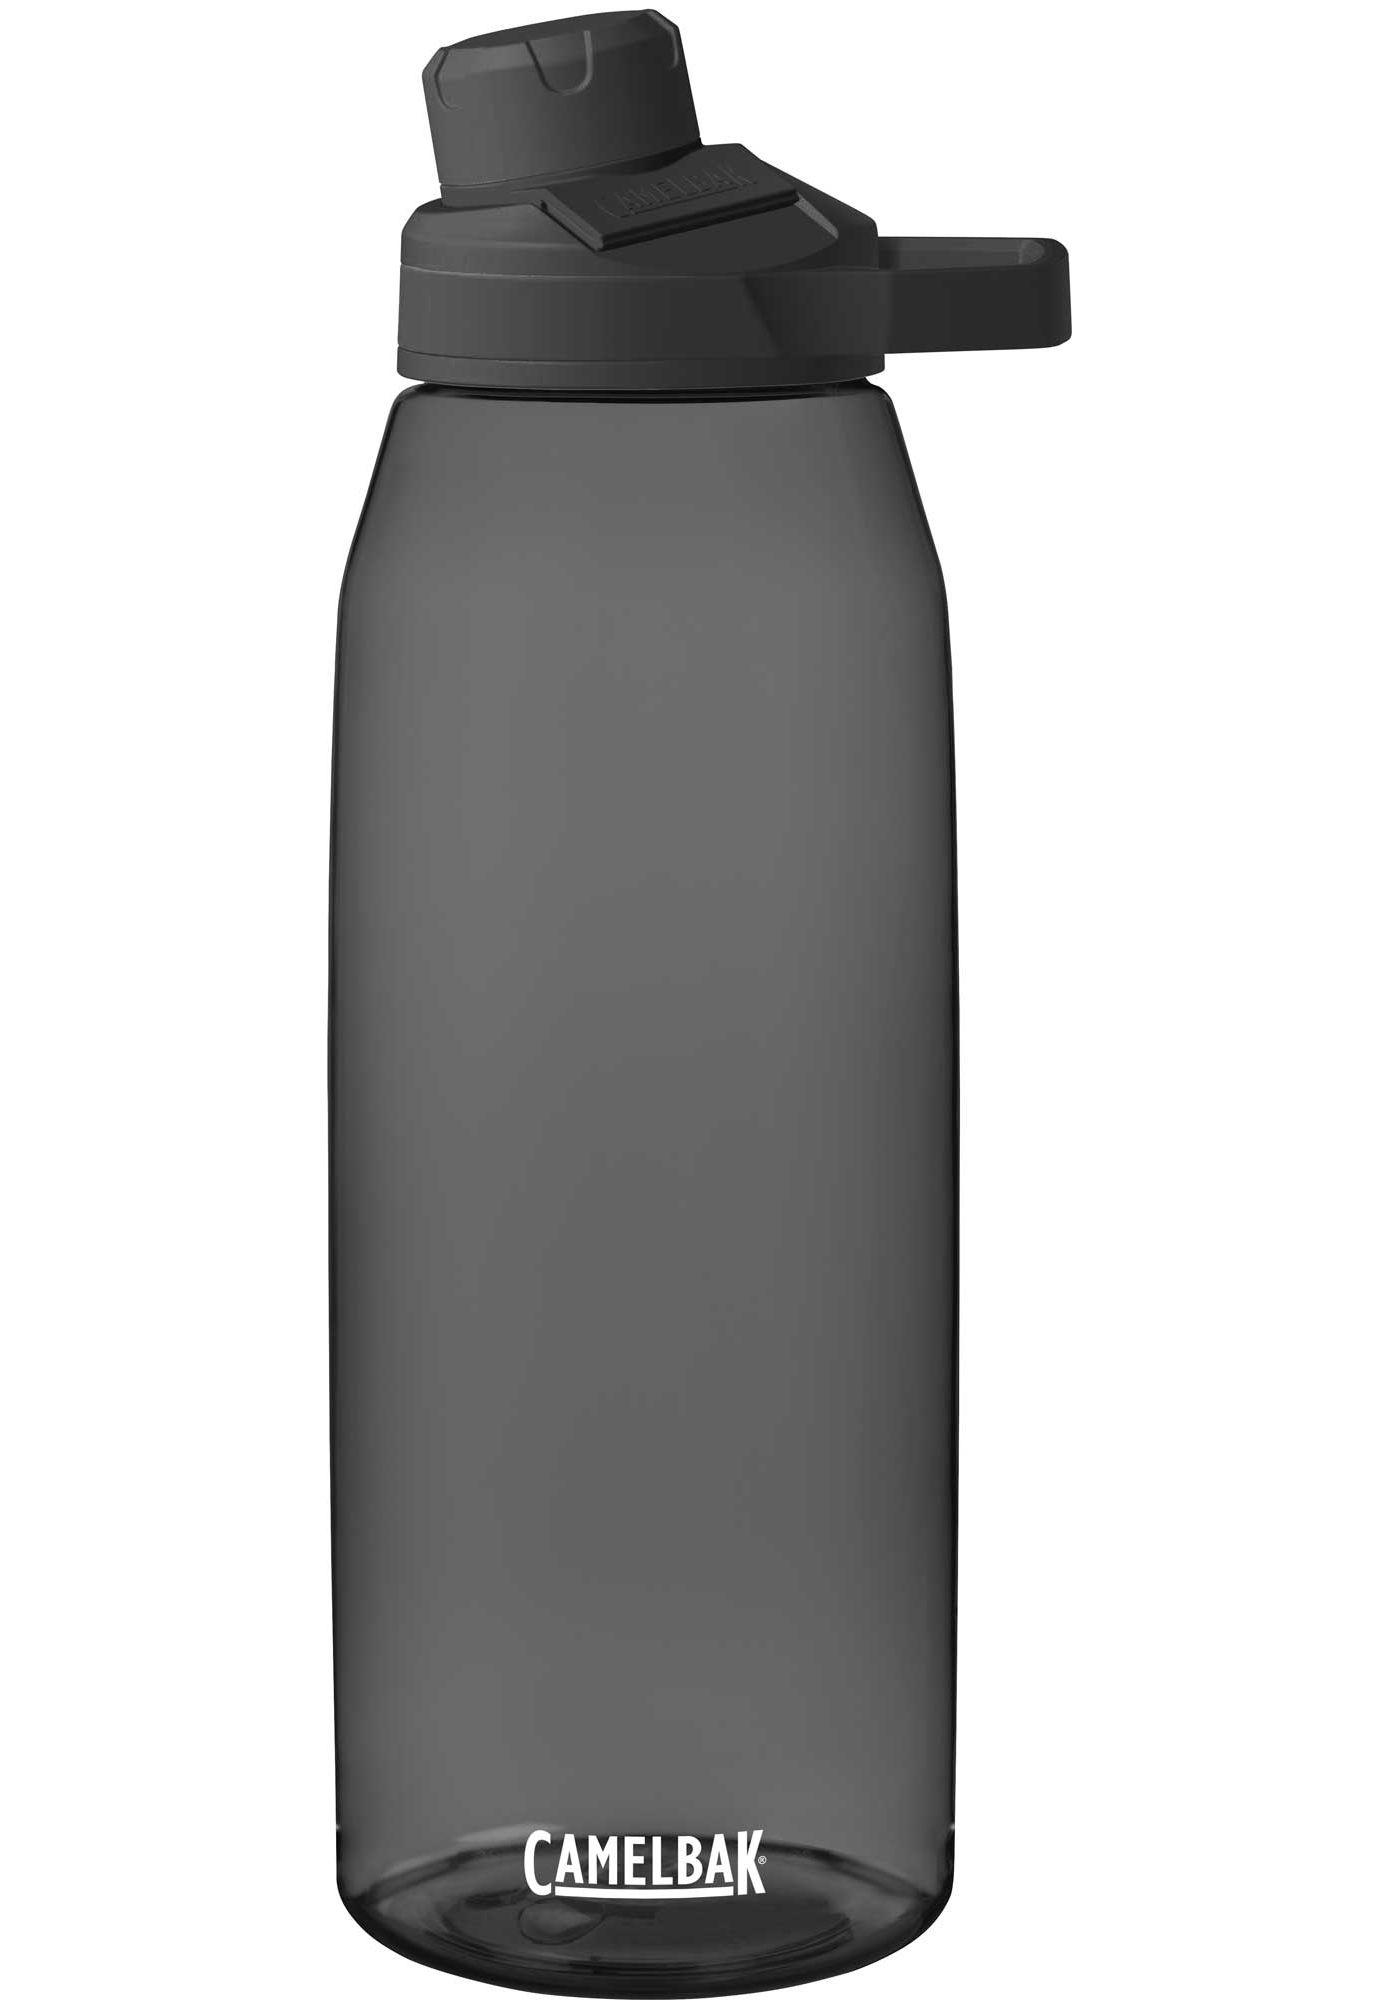 Camelbak Chute Mag 50 oz. Bottle